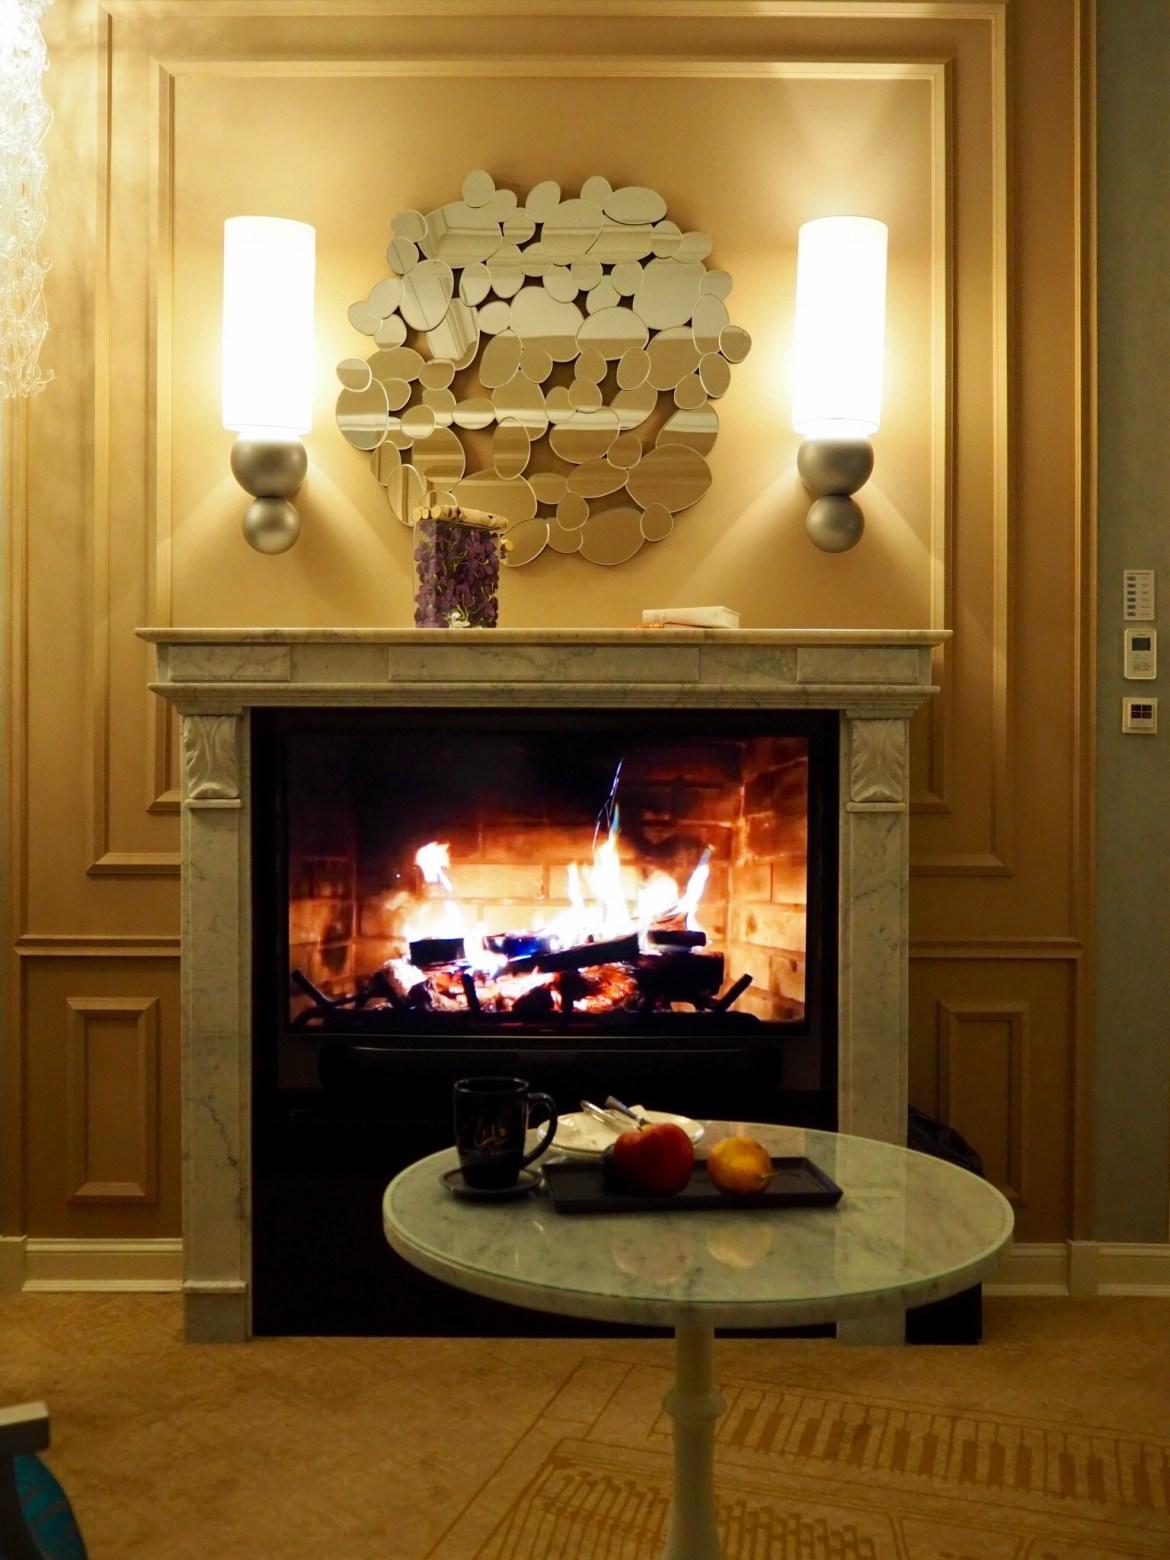 img 4503 - Aria Hotel Budapest - 音楽に囲まれて過ごすブダペストのラグジュアリーブティックホテルの魅力